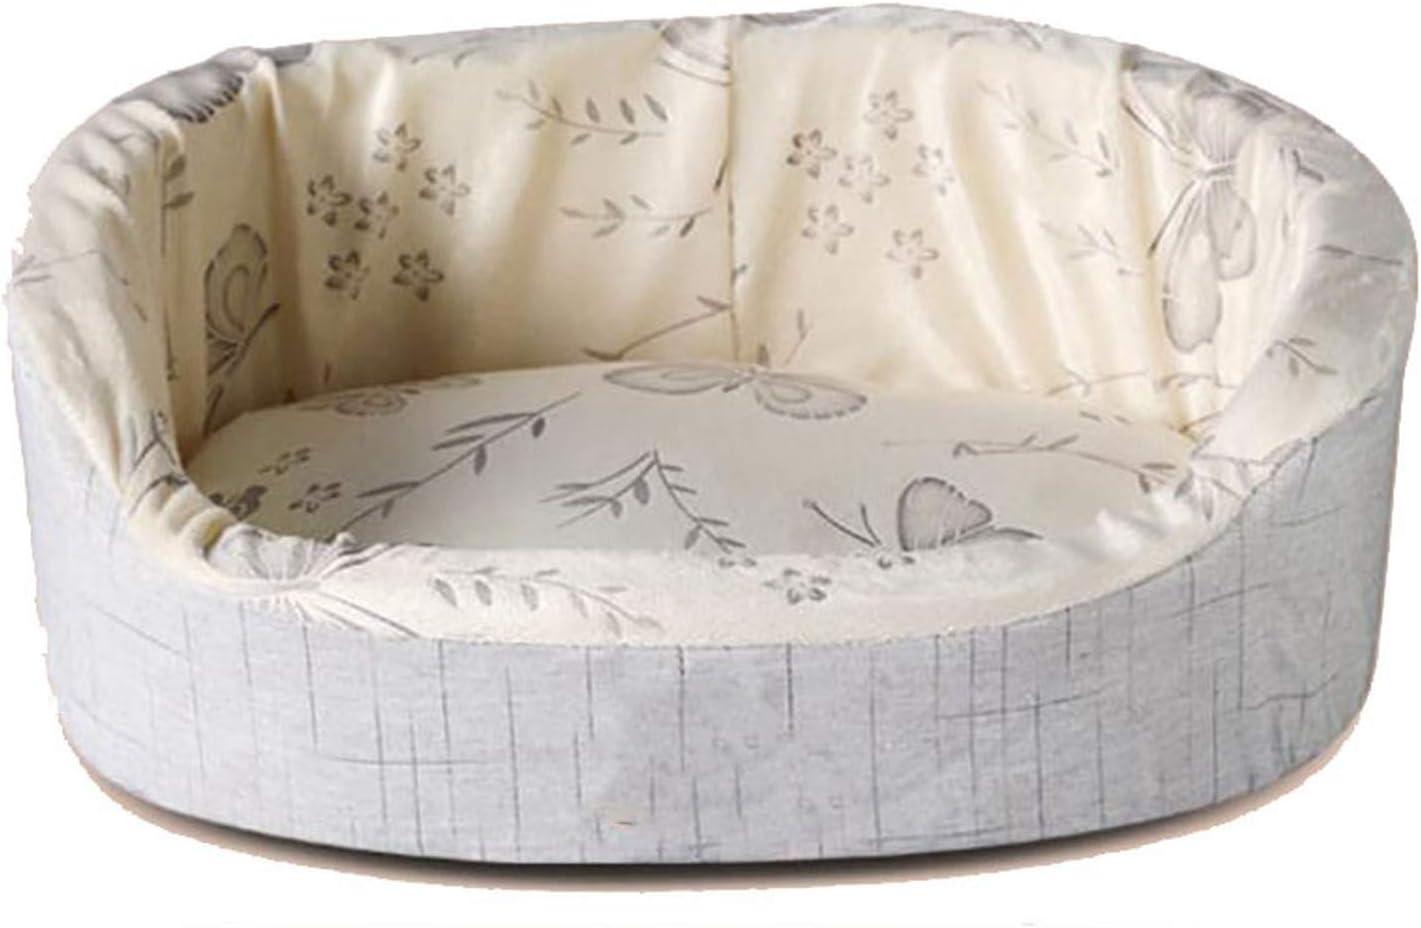 Old street Fashion Washable Oval Pet Dog Cat Bed Super Soft Dog Mat Sponge Cotton Summer Cooling Kennel